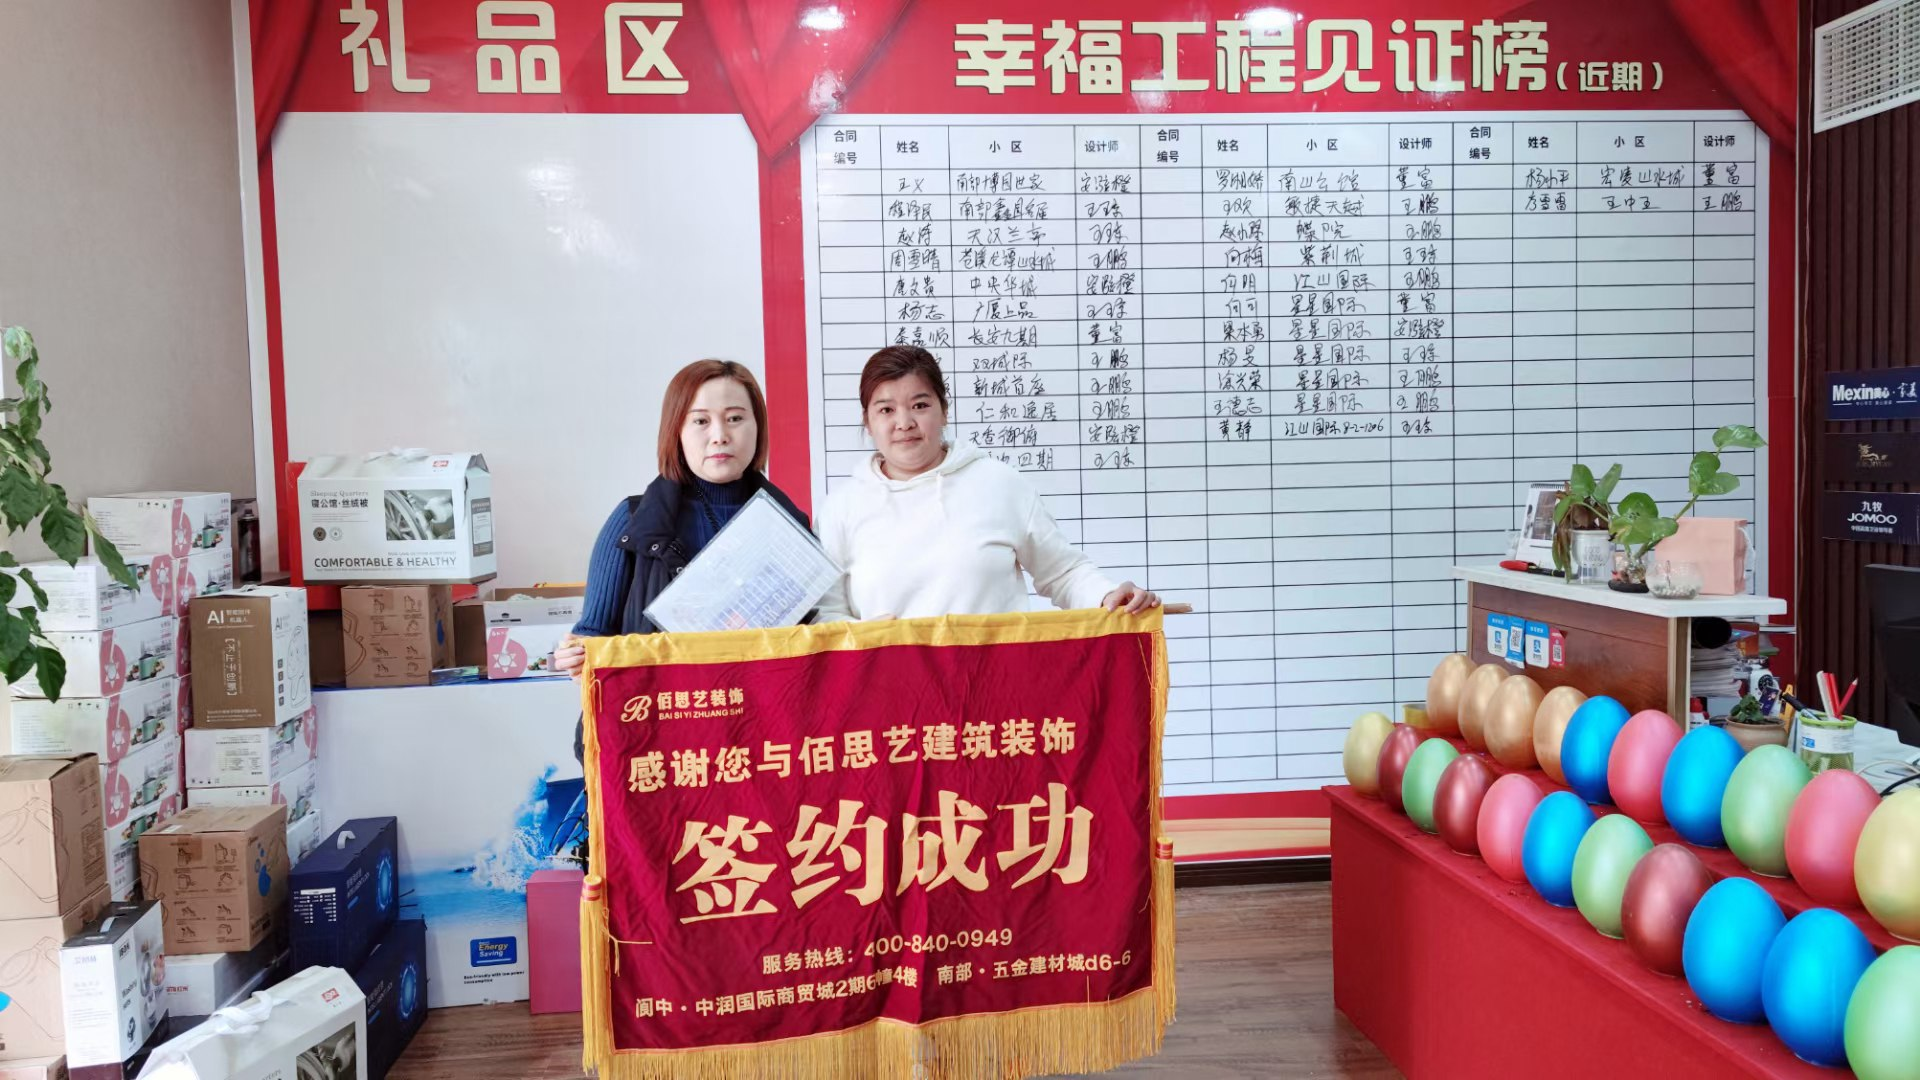 恭祝中央华城李女士成功签约佰思艺装饰